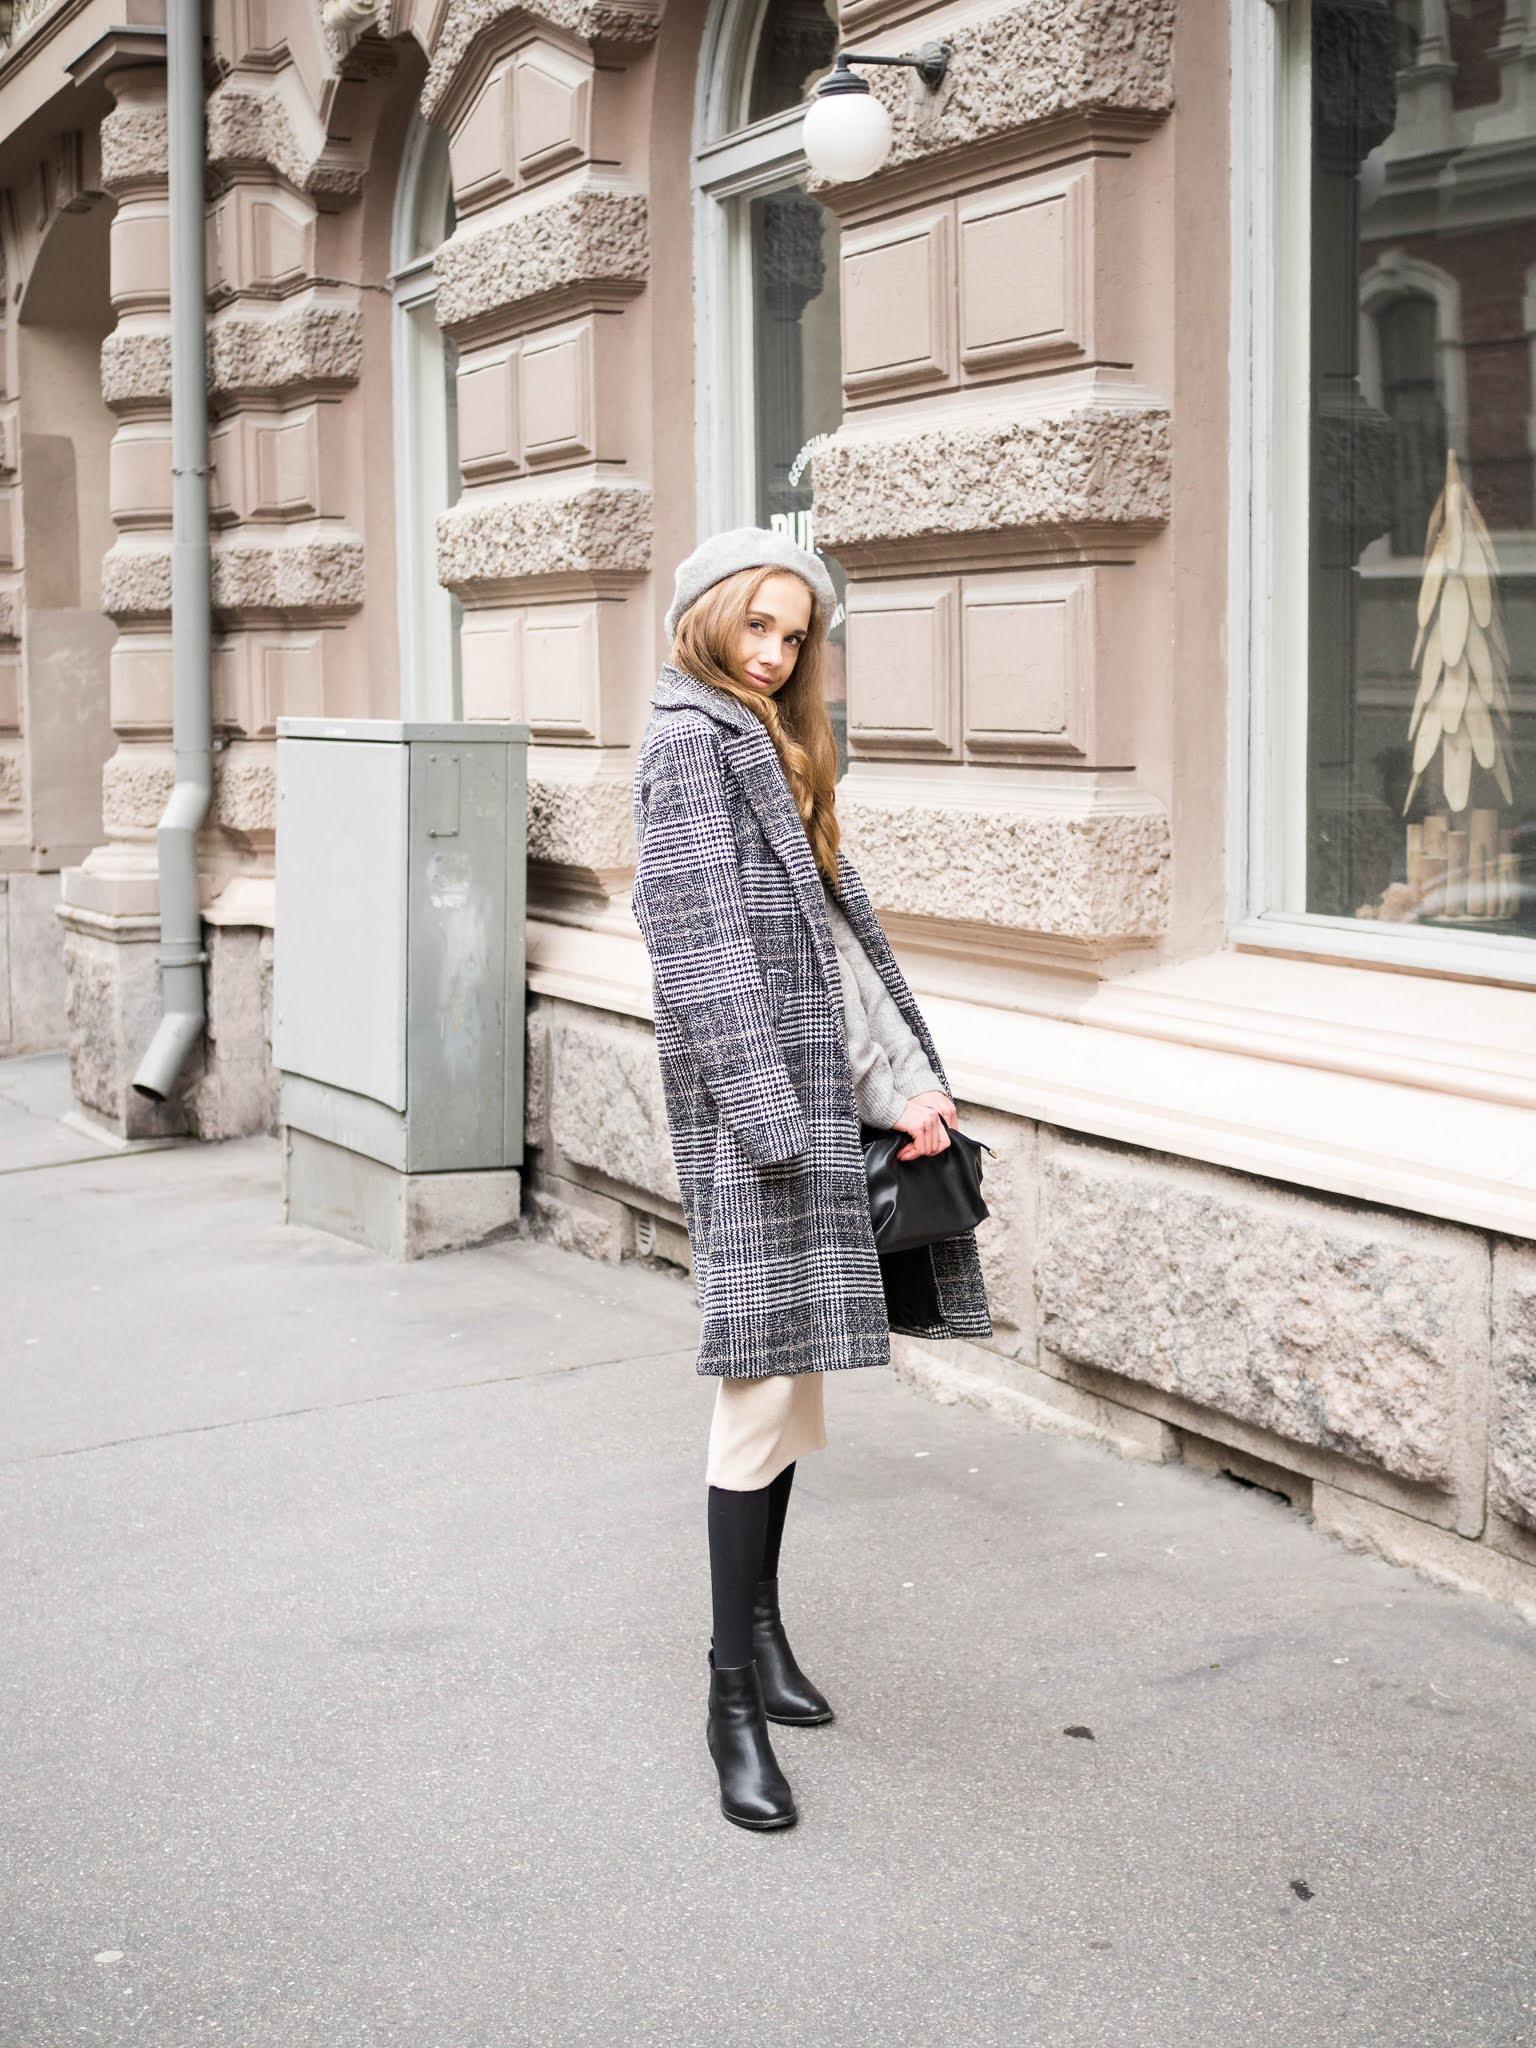 Pariisilaistyylinen pukeutuminen // Paris inspired style